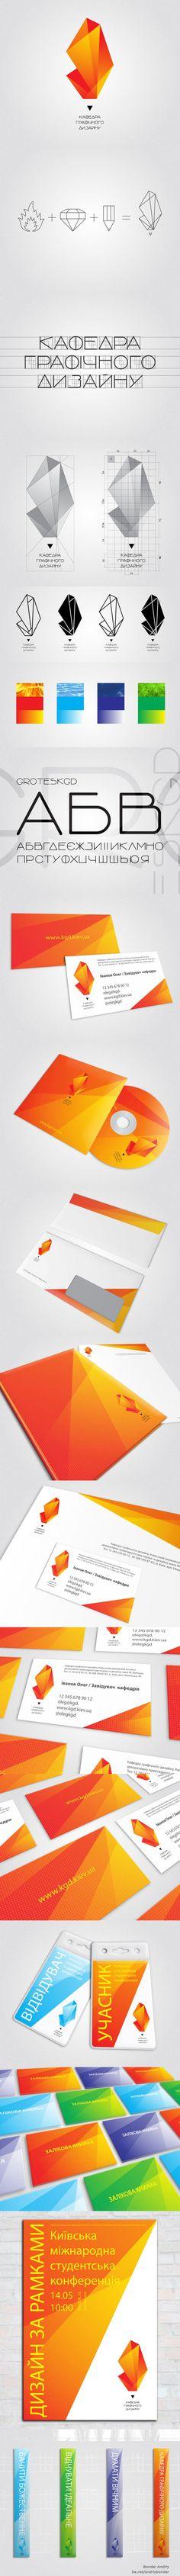 Les logos, réglés au millimètre, qui ont une histoire. Department of  Graphic Design